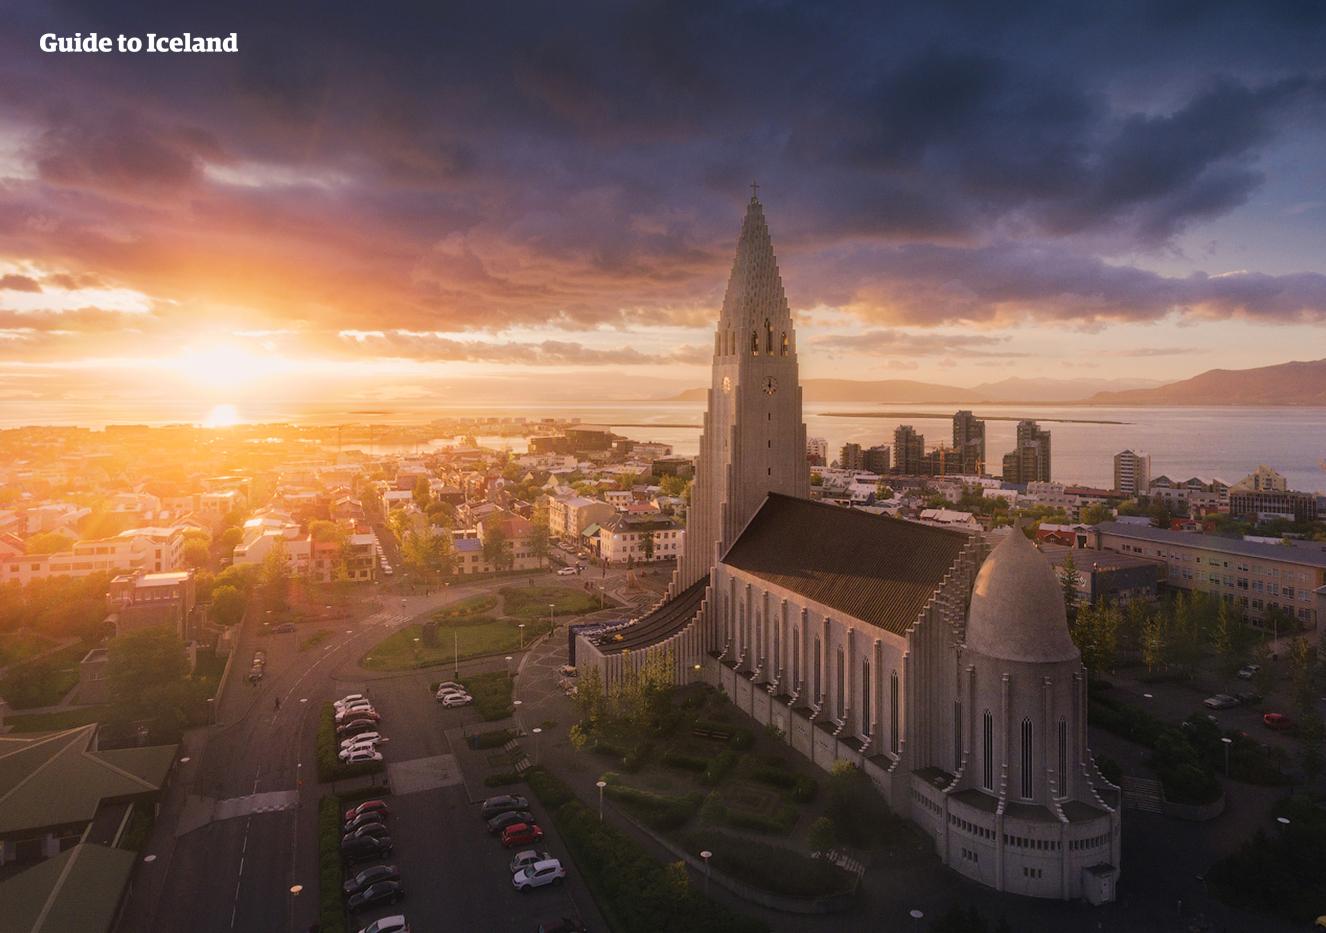 Die Zinndächer der Häuser in Island sind sehr farbenfroh und wenn man im Sommer einen guten Aussichtspunkt aufsucht, kann man eine unvergleichliche Aussicht genießen.